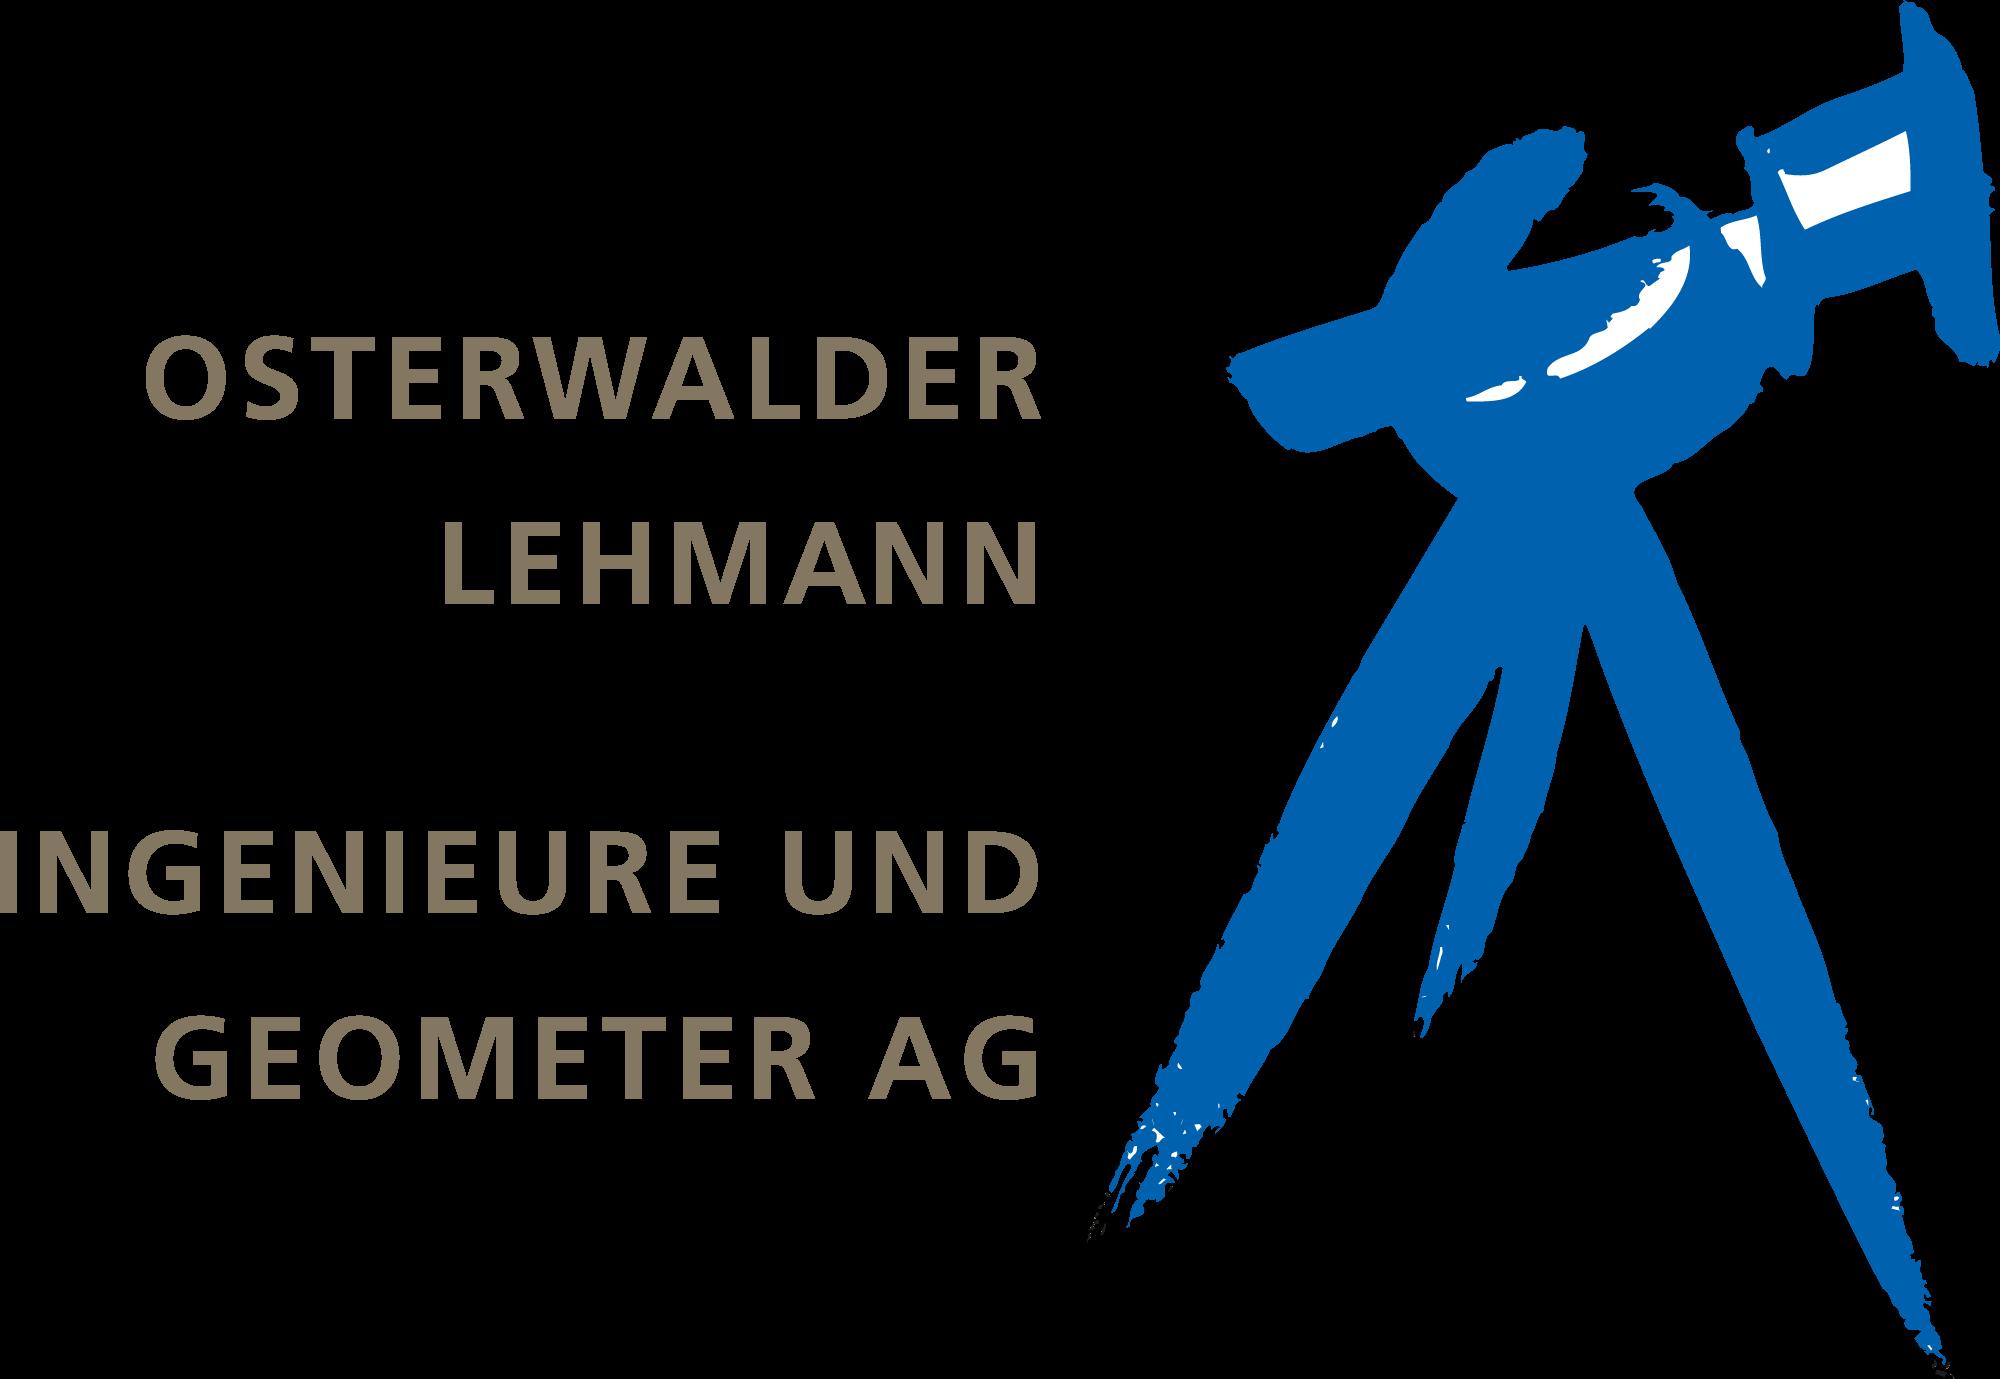 Osterwalder, Lehmann - Ingenieure und Geometer AG